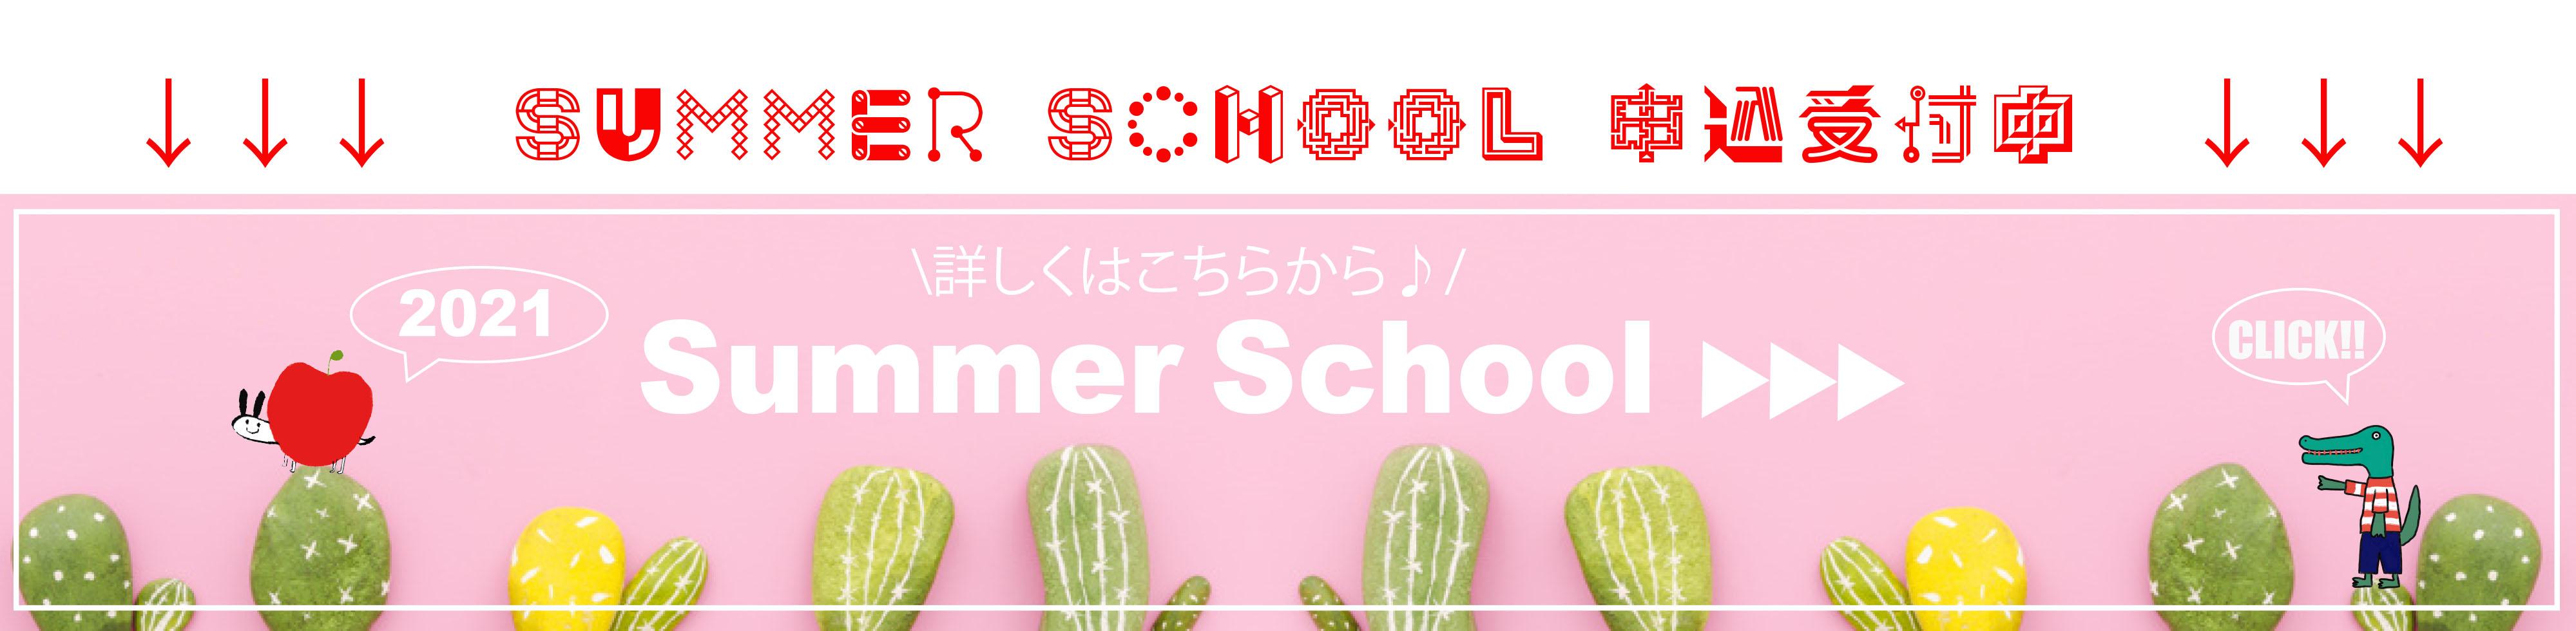 2021summerschoolバナー